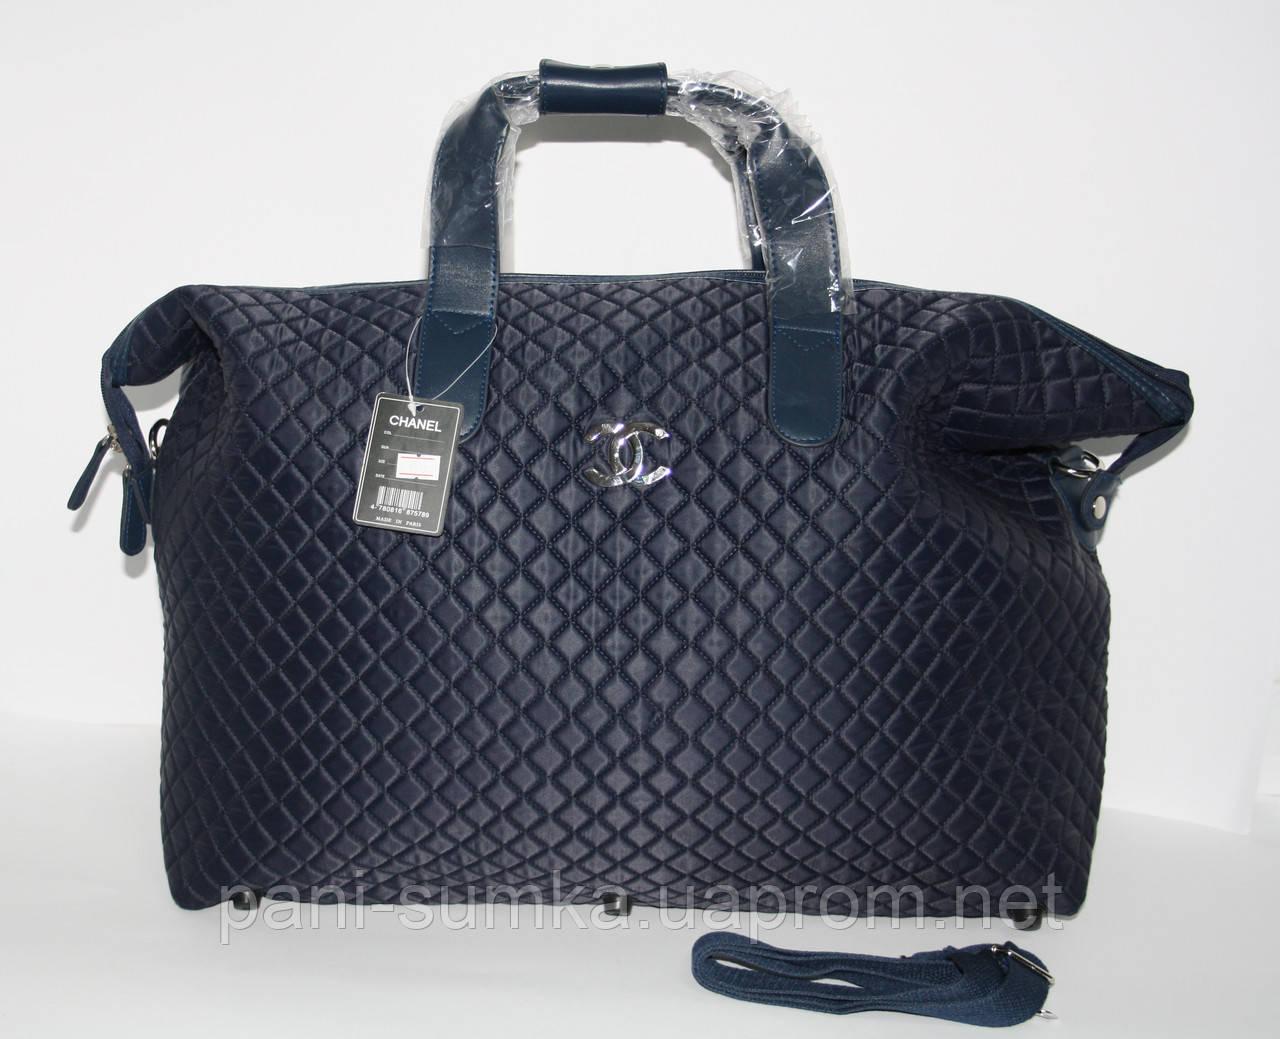 Дорожная сумка - саквояж Chanel 5338 синяя стеганая, текстиль, фото 1 95379dafd96